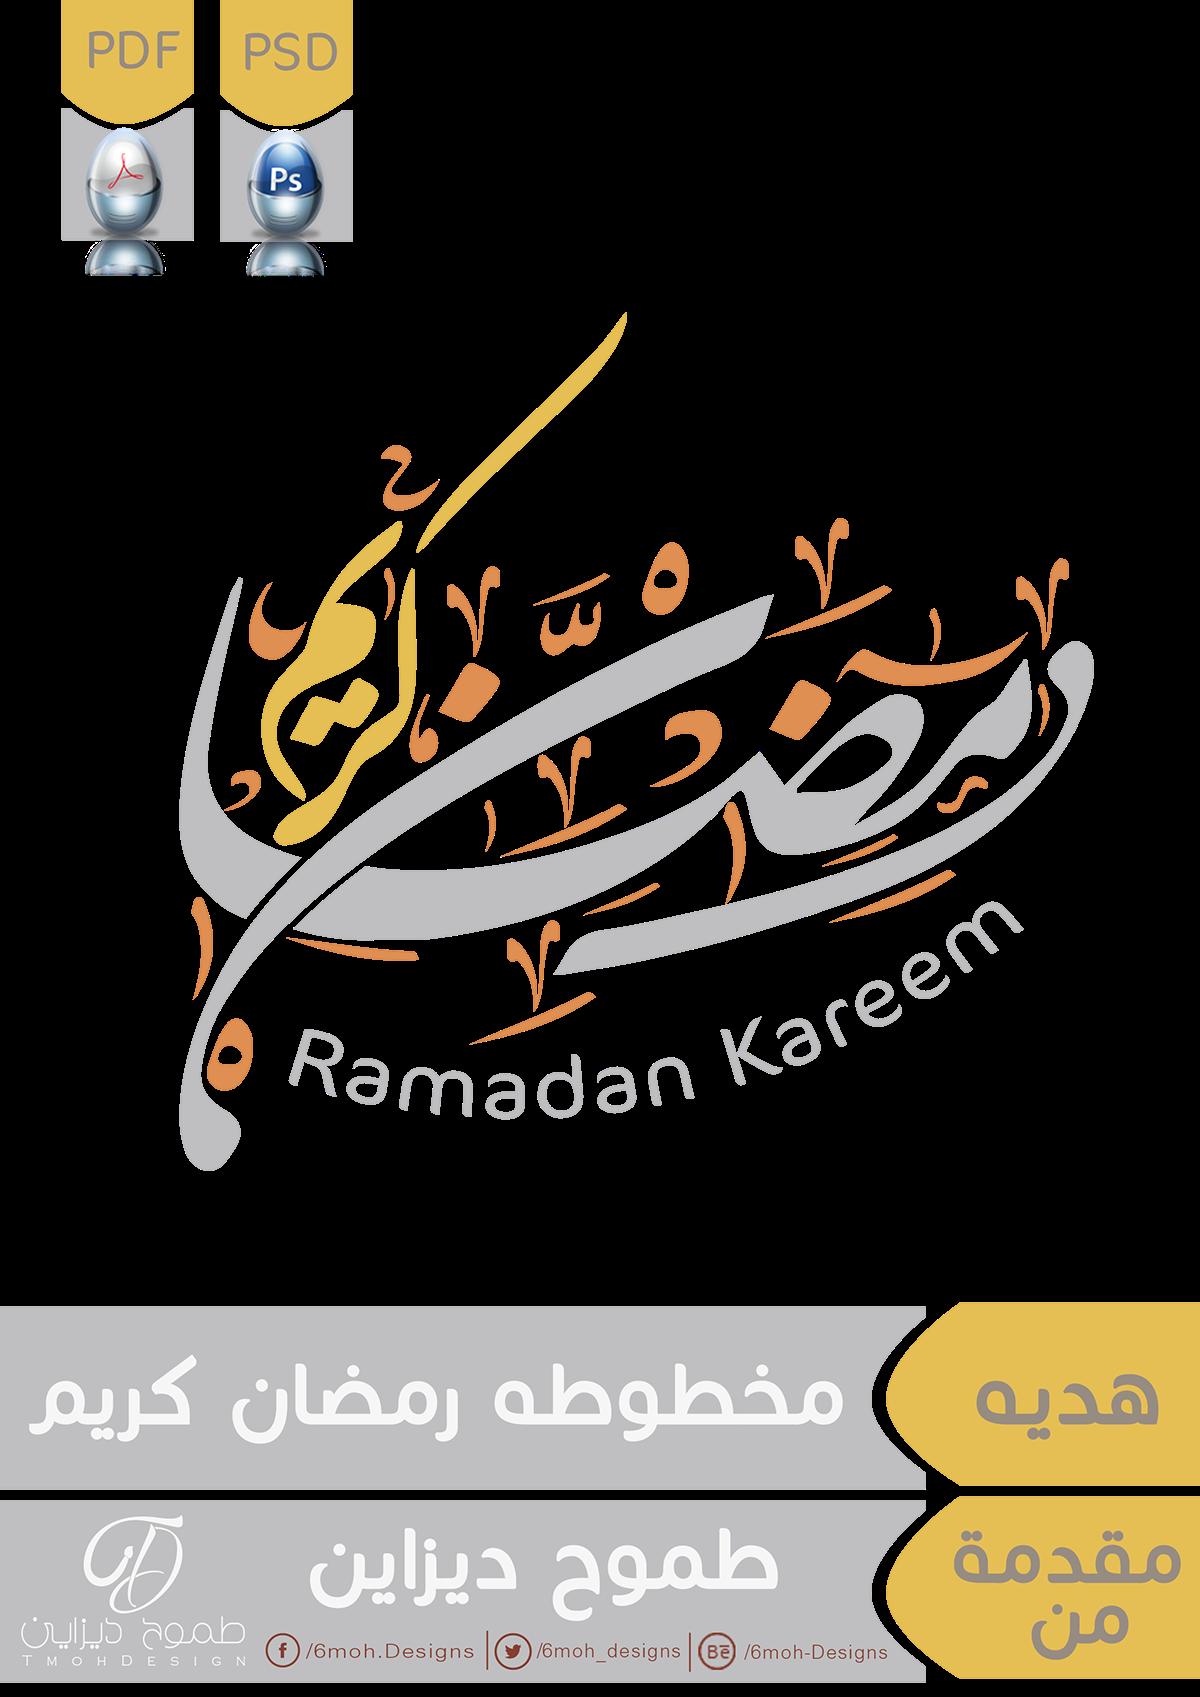 نتيجة بحث الصور عن رمضان كريم